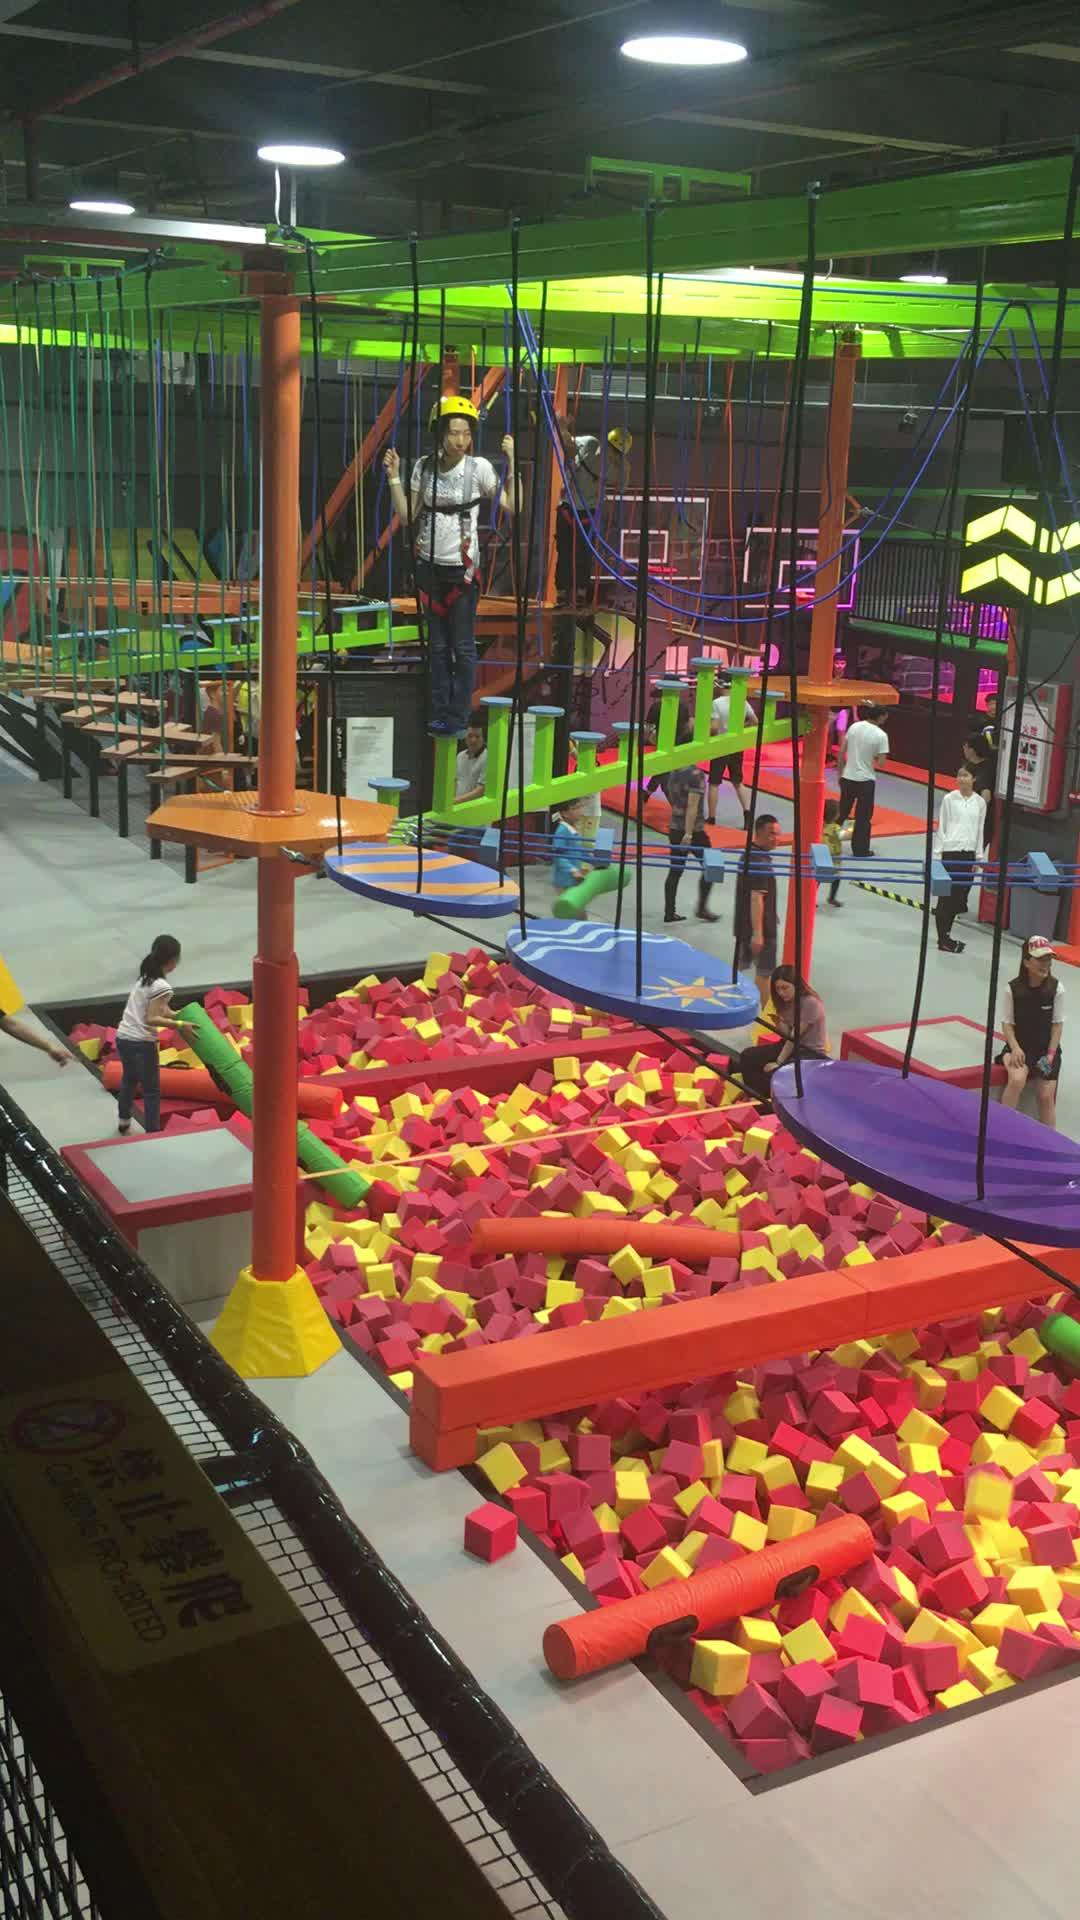 Nieuwe collectie groothandel goedkope indoor kinderen commerciële trampoline park met ninja cursus